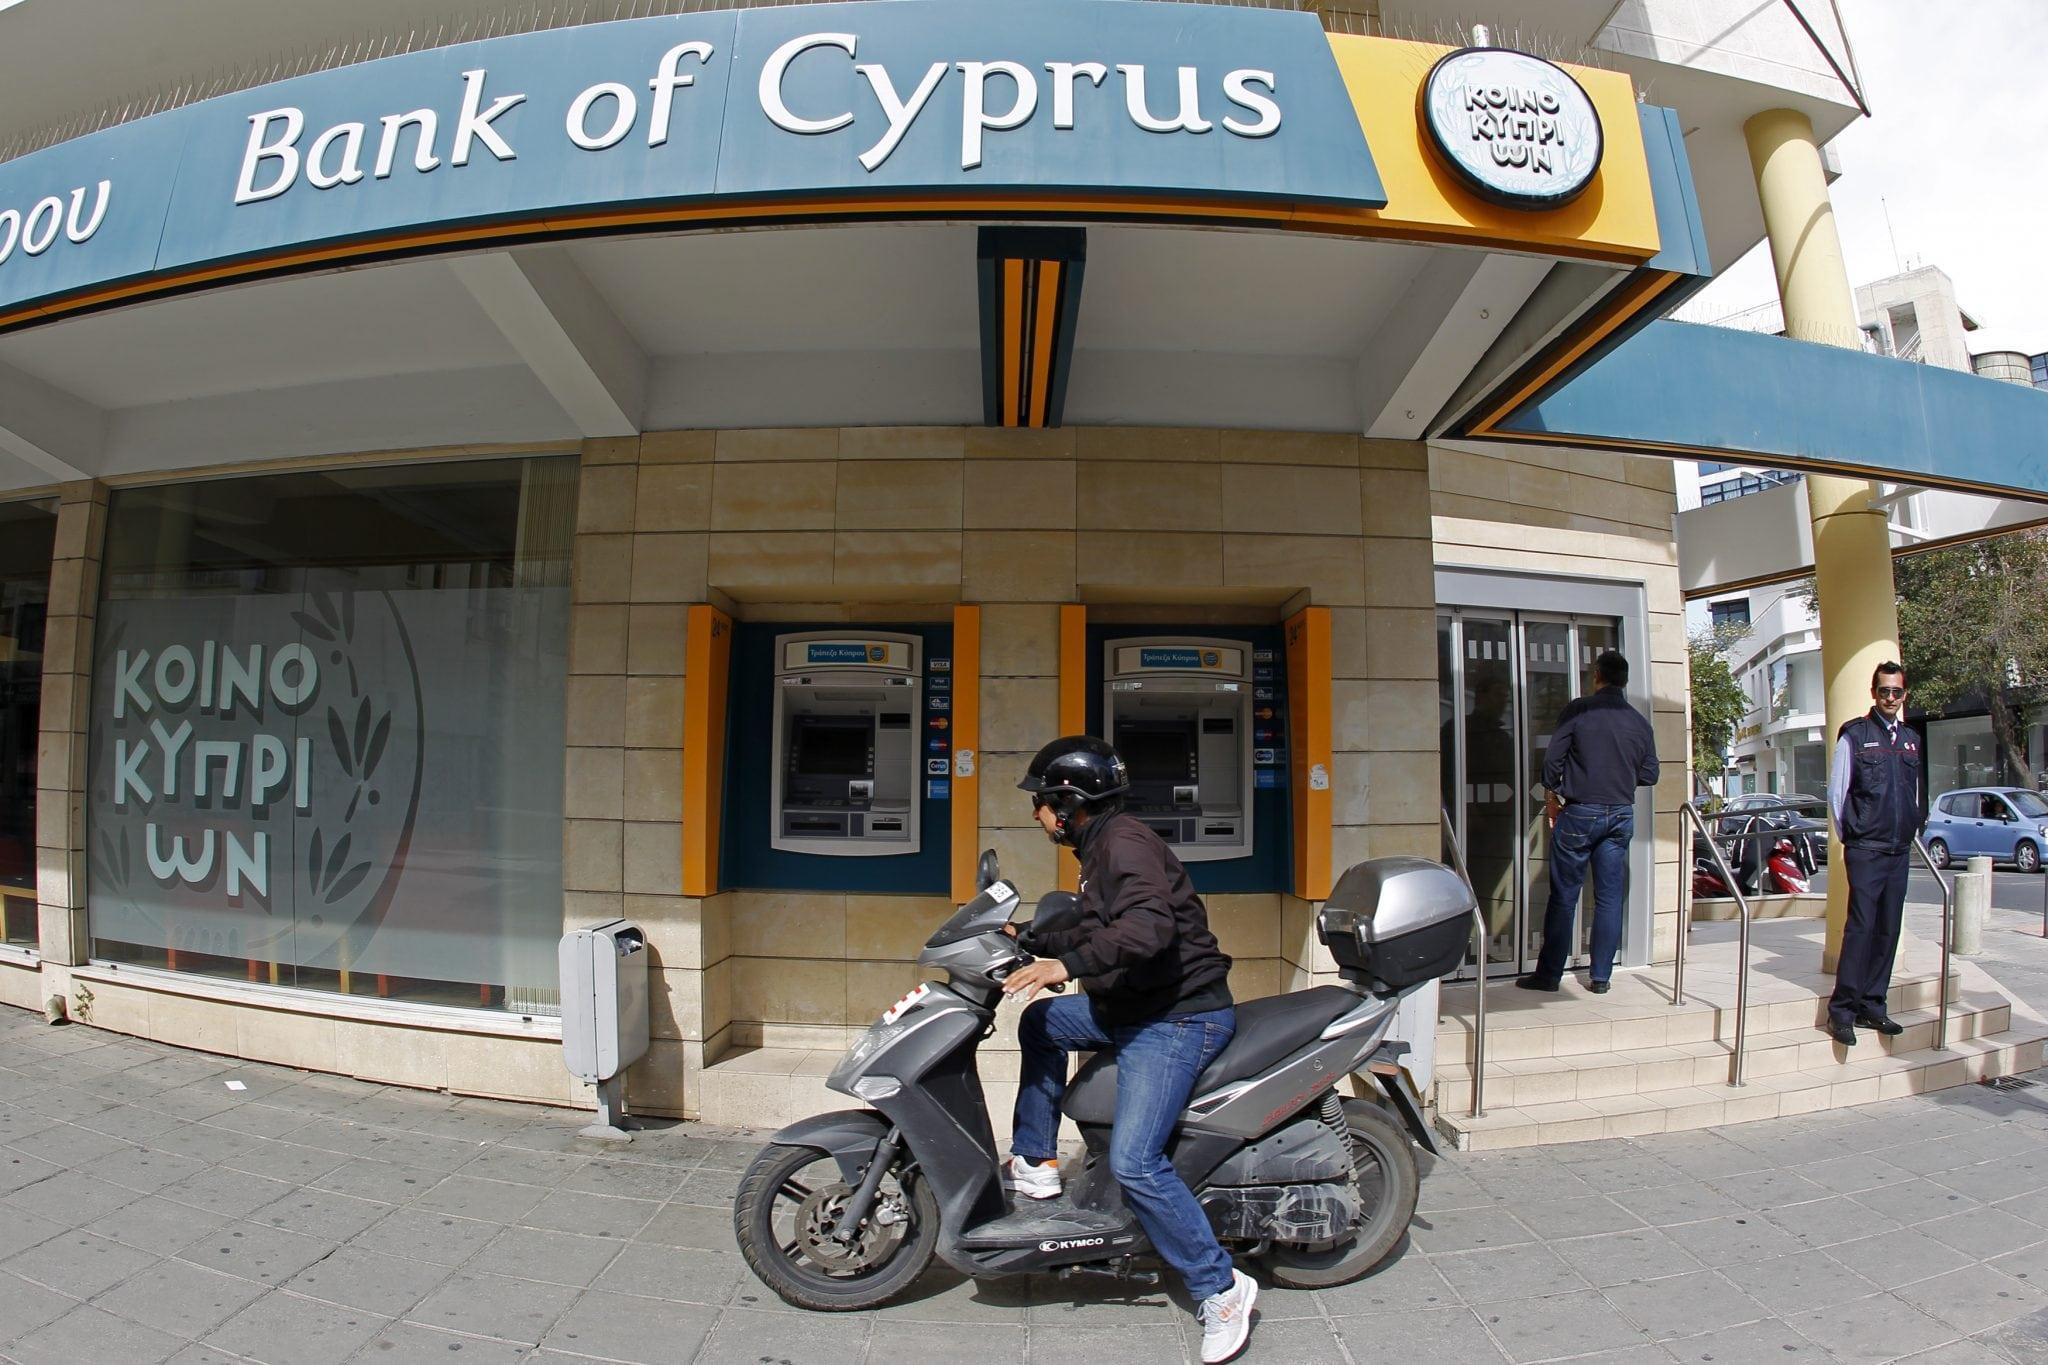 Bank of Cyprus продолжает активно распродавать свои активы